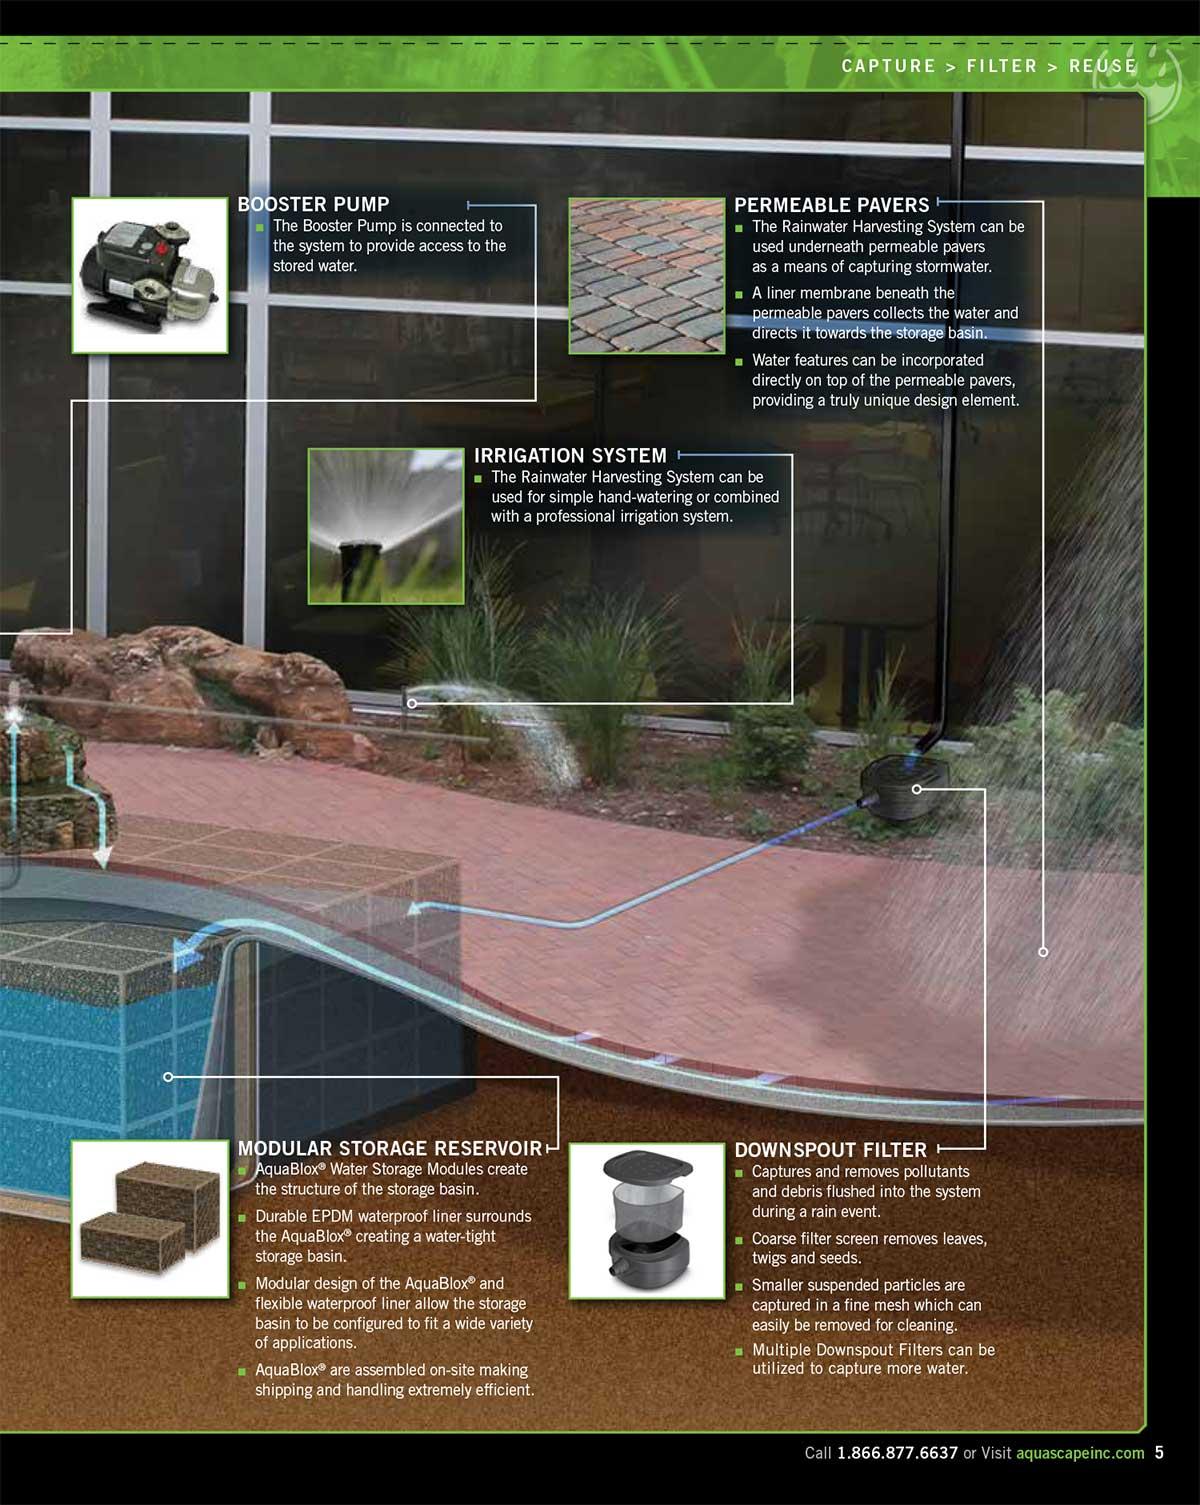 Rainwater-Harvesting-Guide-5